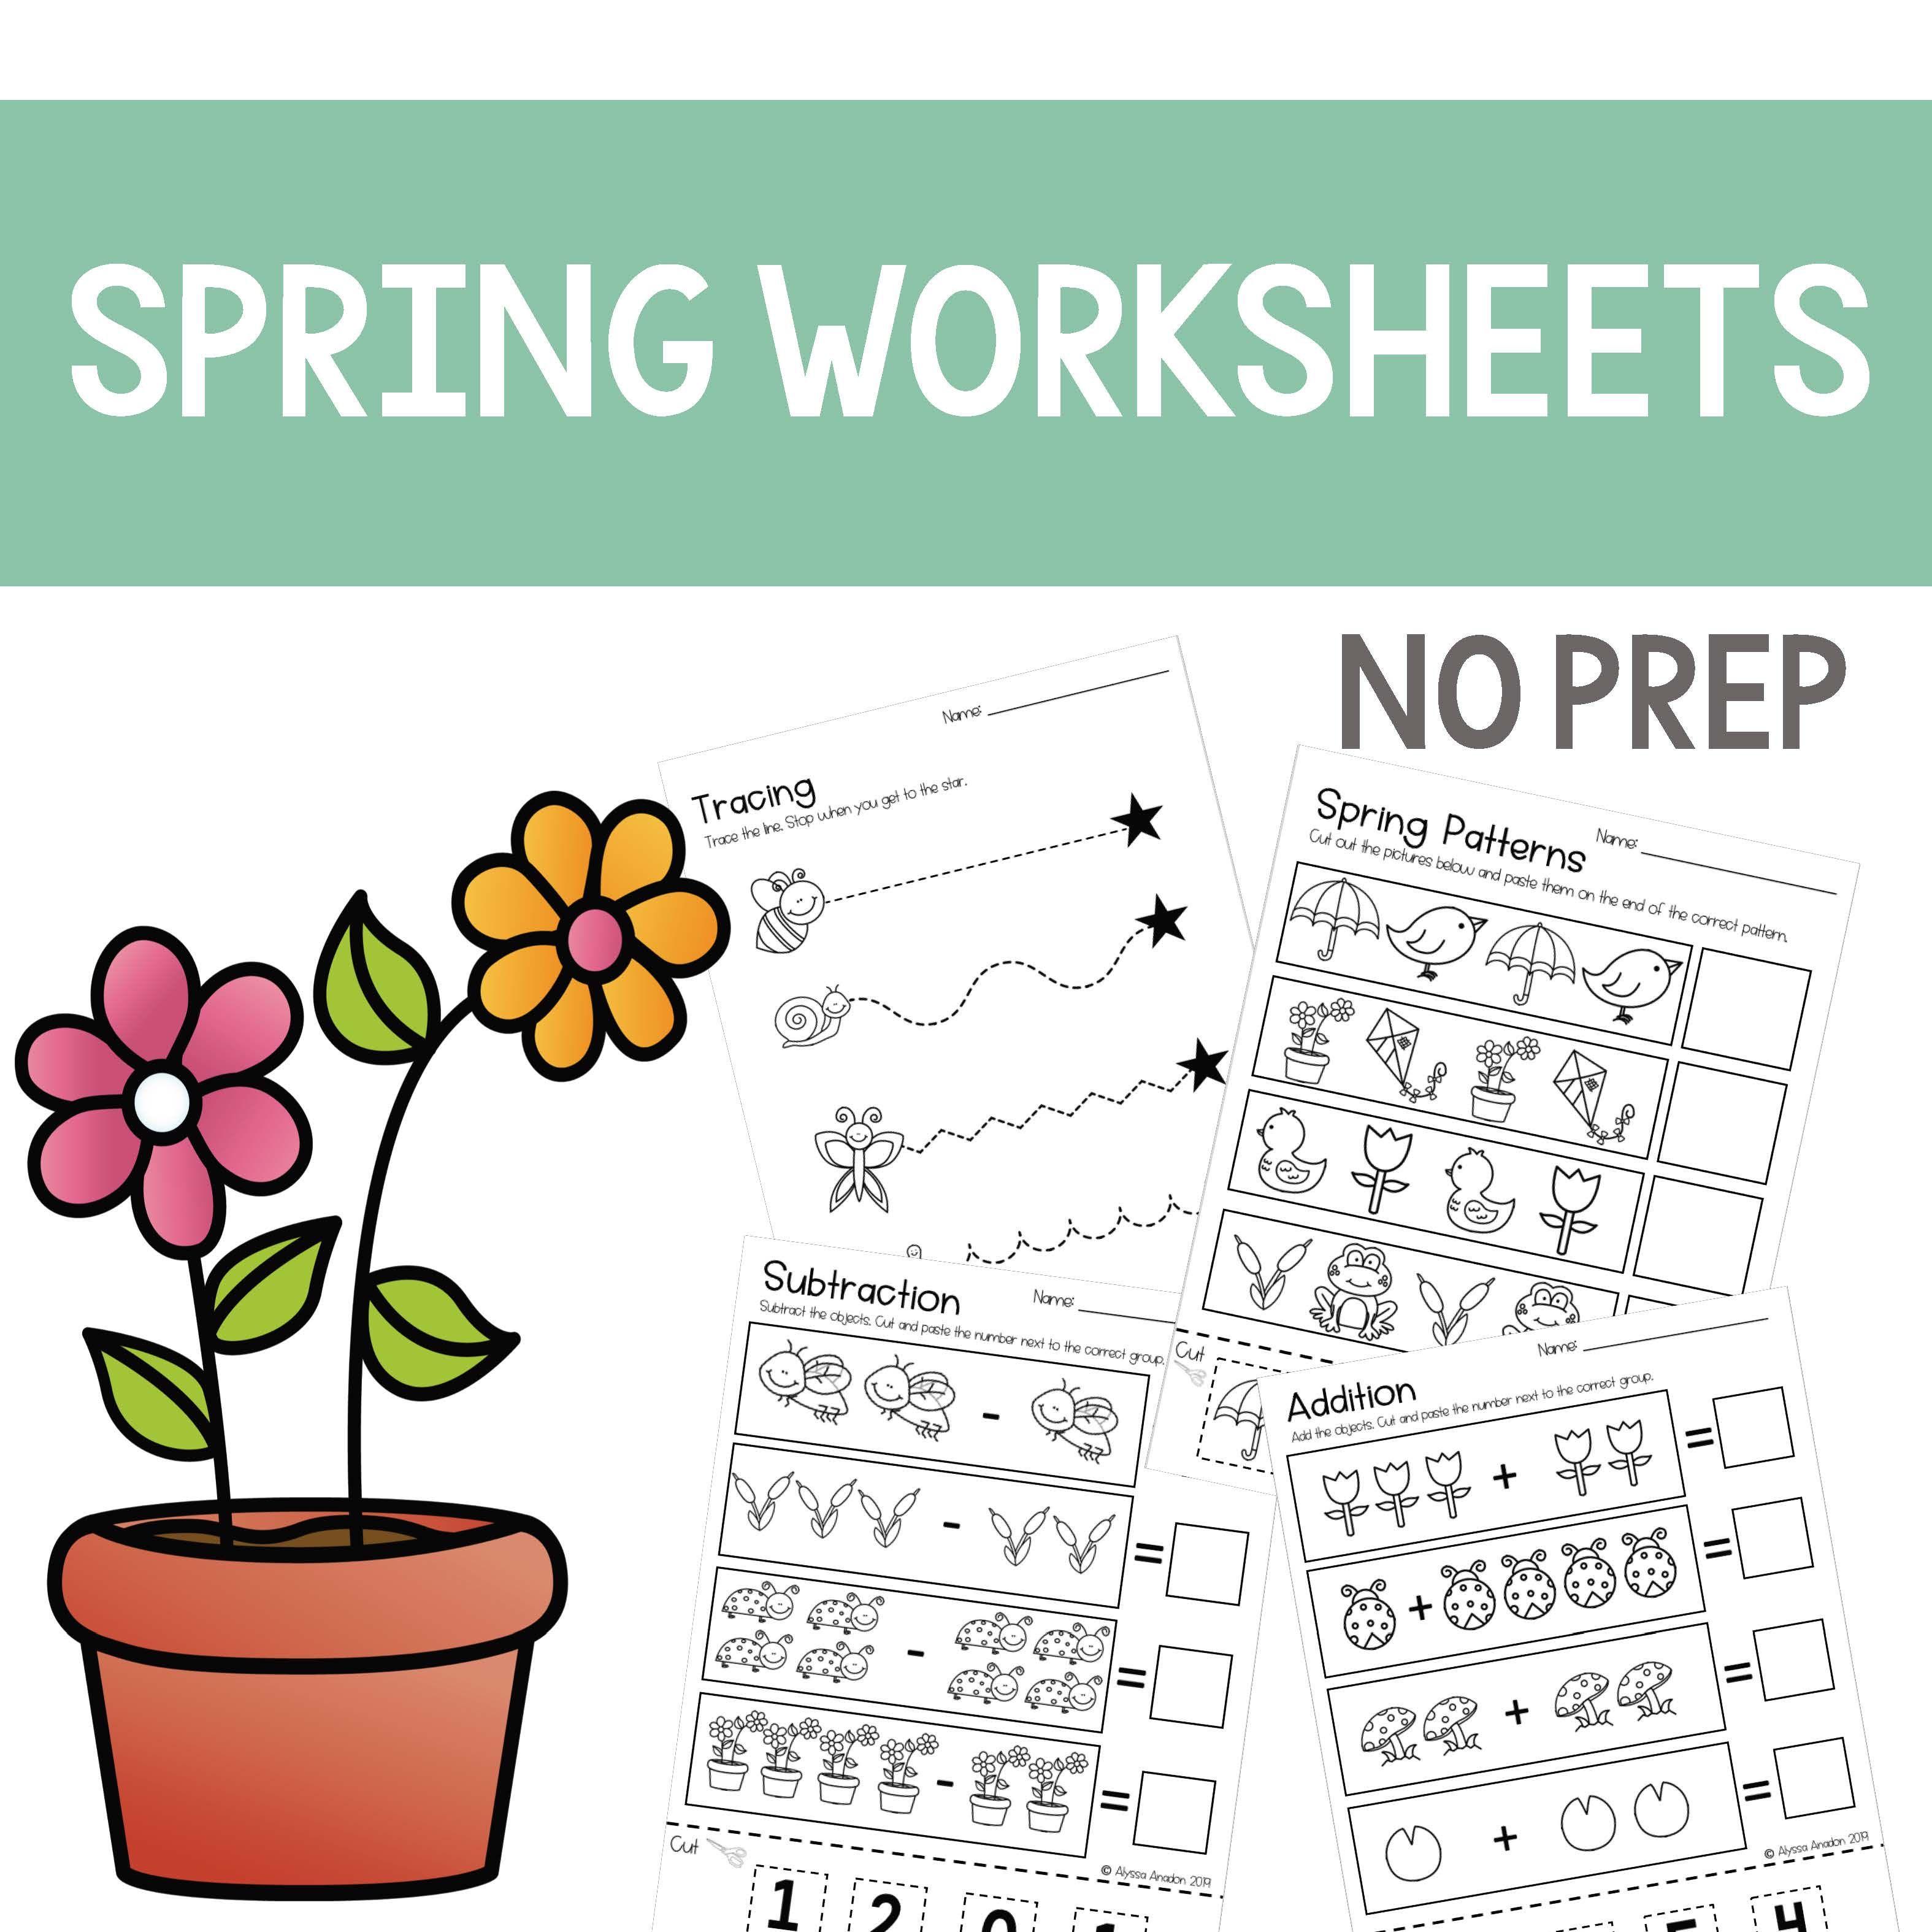 Spring Worksheets No Prep